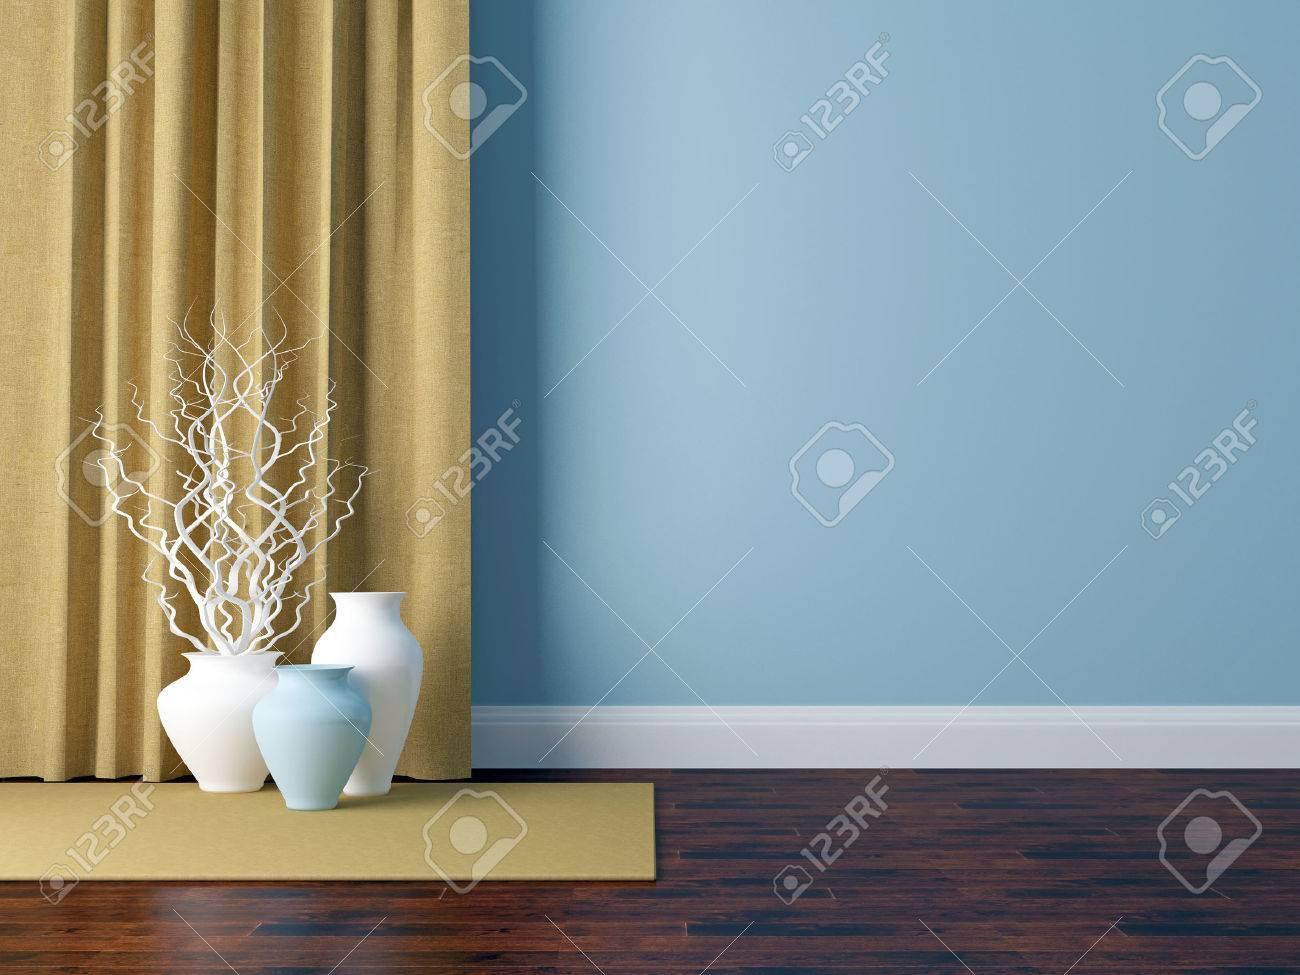 detail schuss von modernen wohnzimmer wand luxus interieur design lizenzfreie bilder